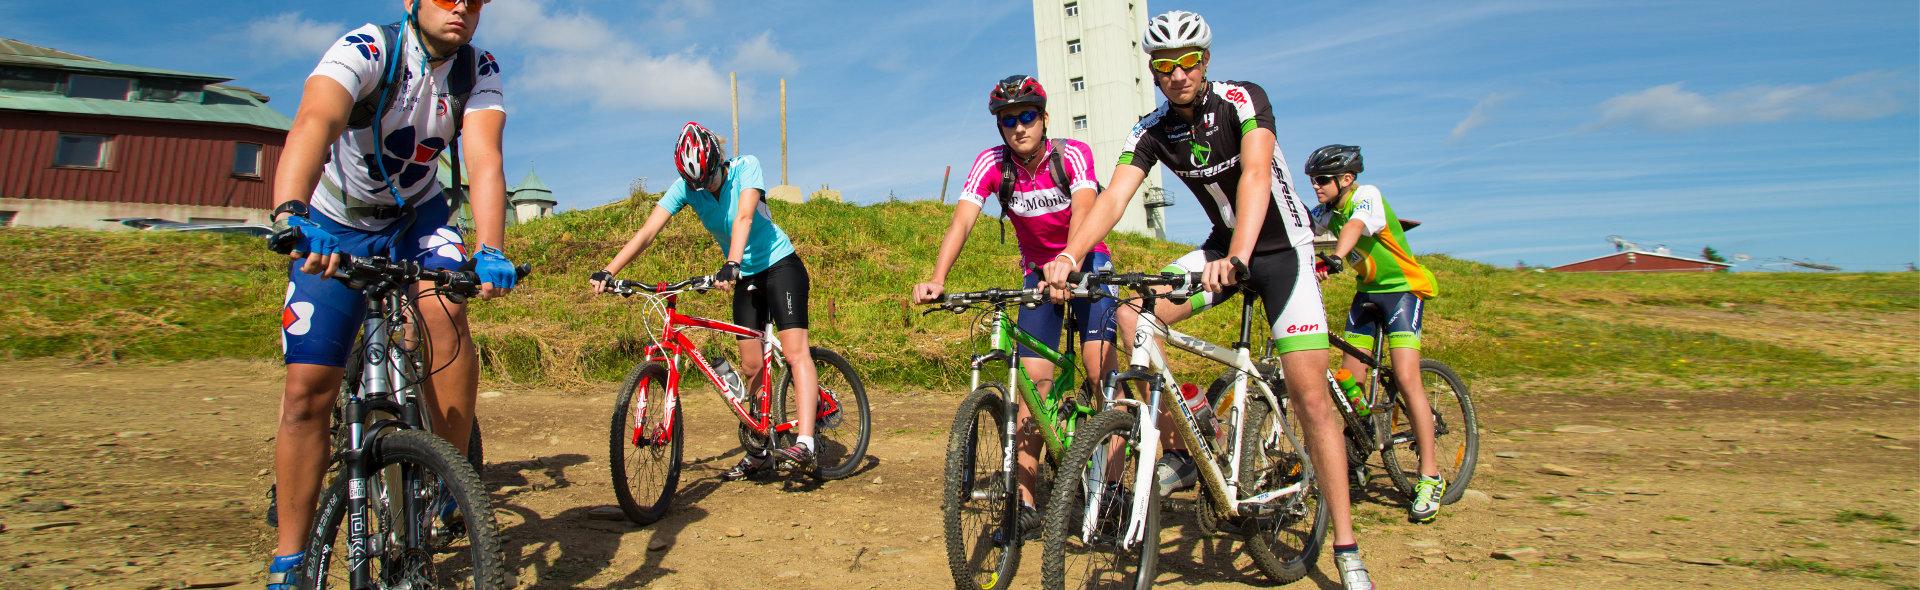 Keilberg-Downhill-Strecke